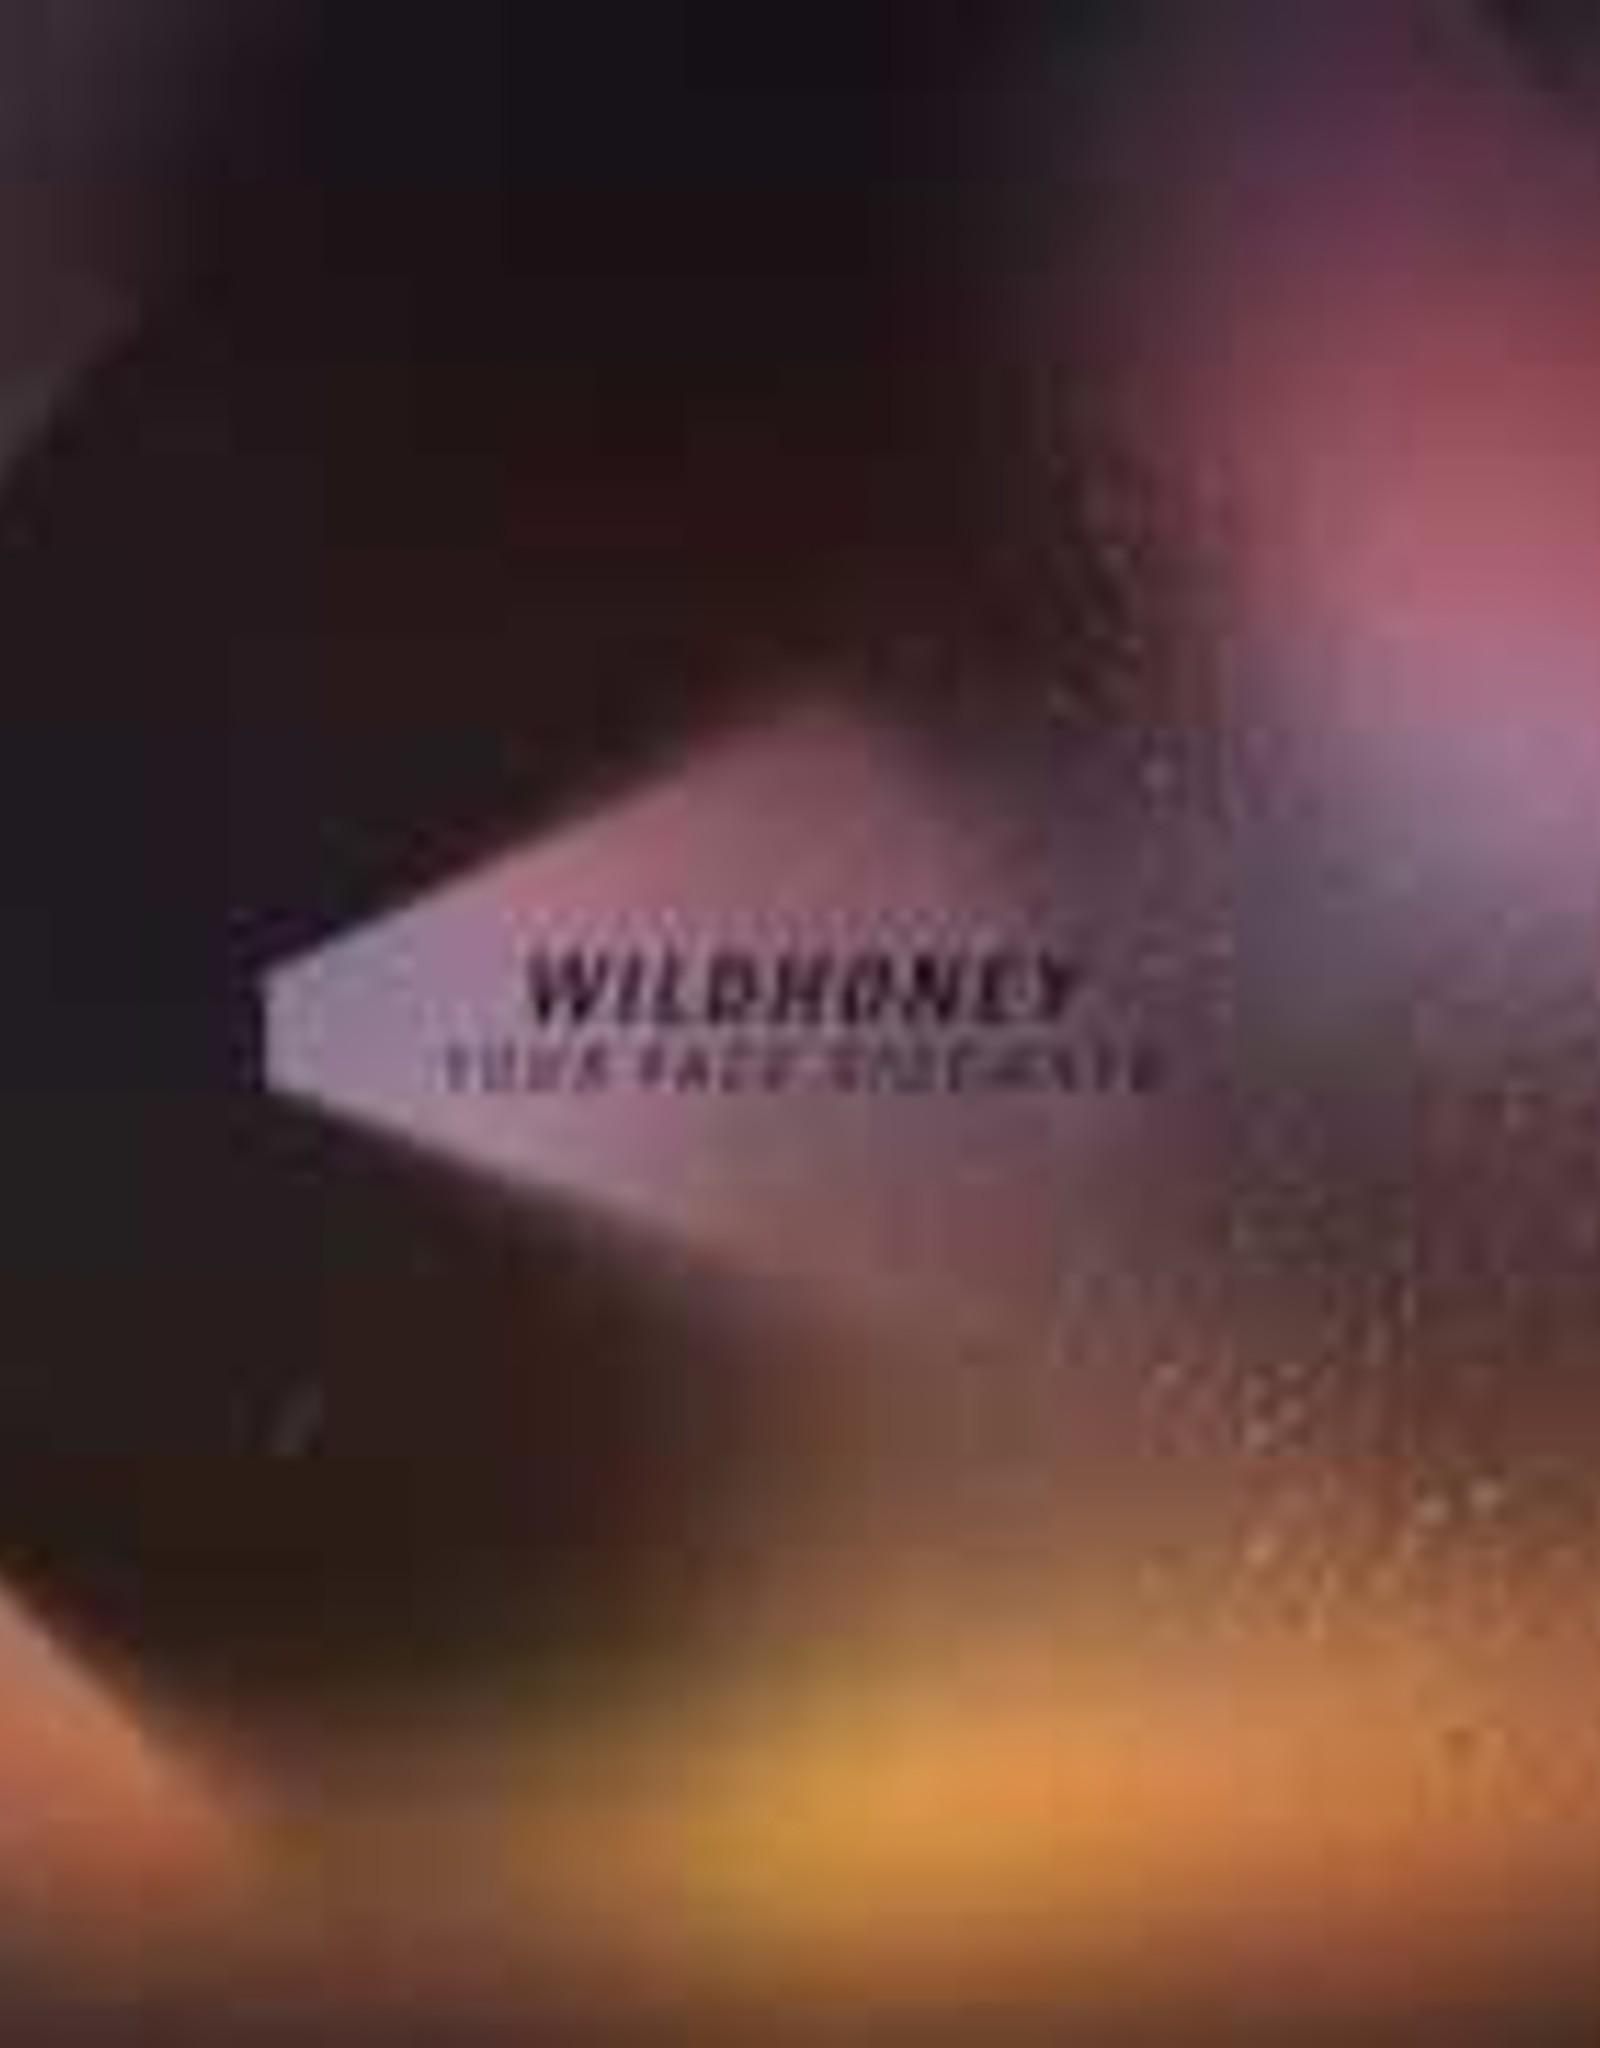 Wildhoney - Your Face Sideways